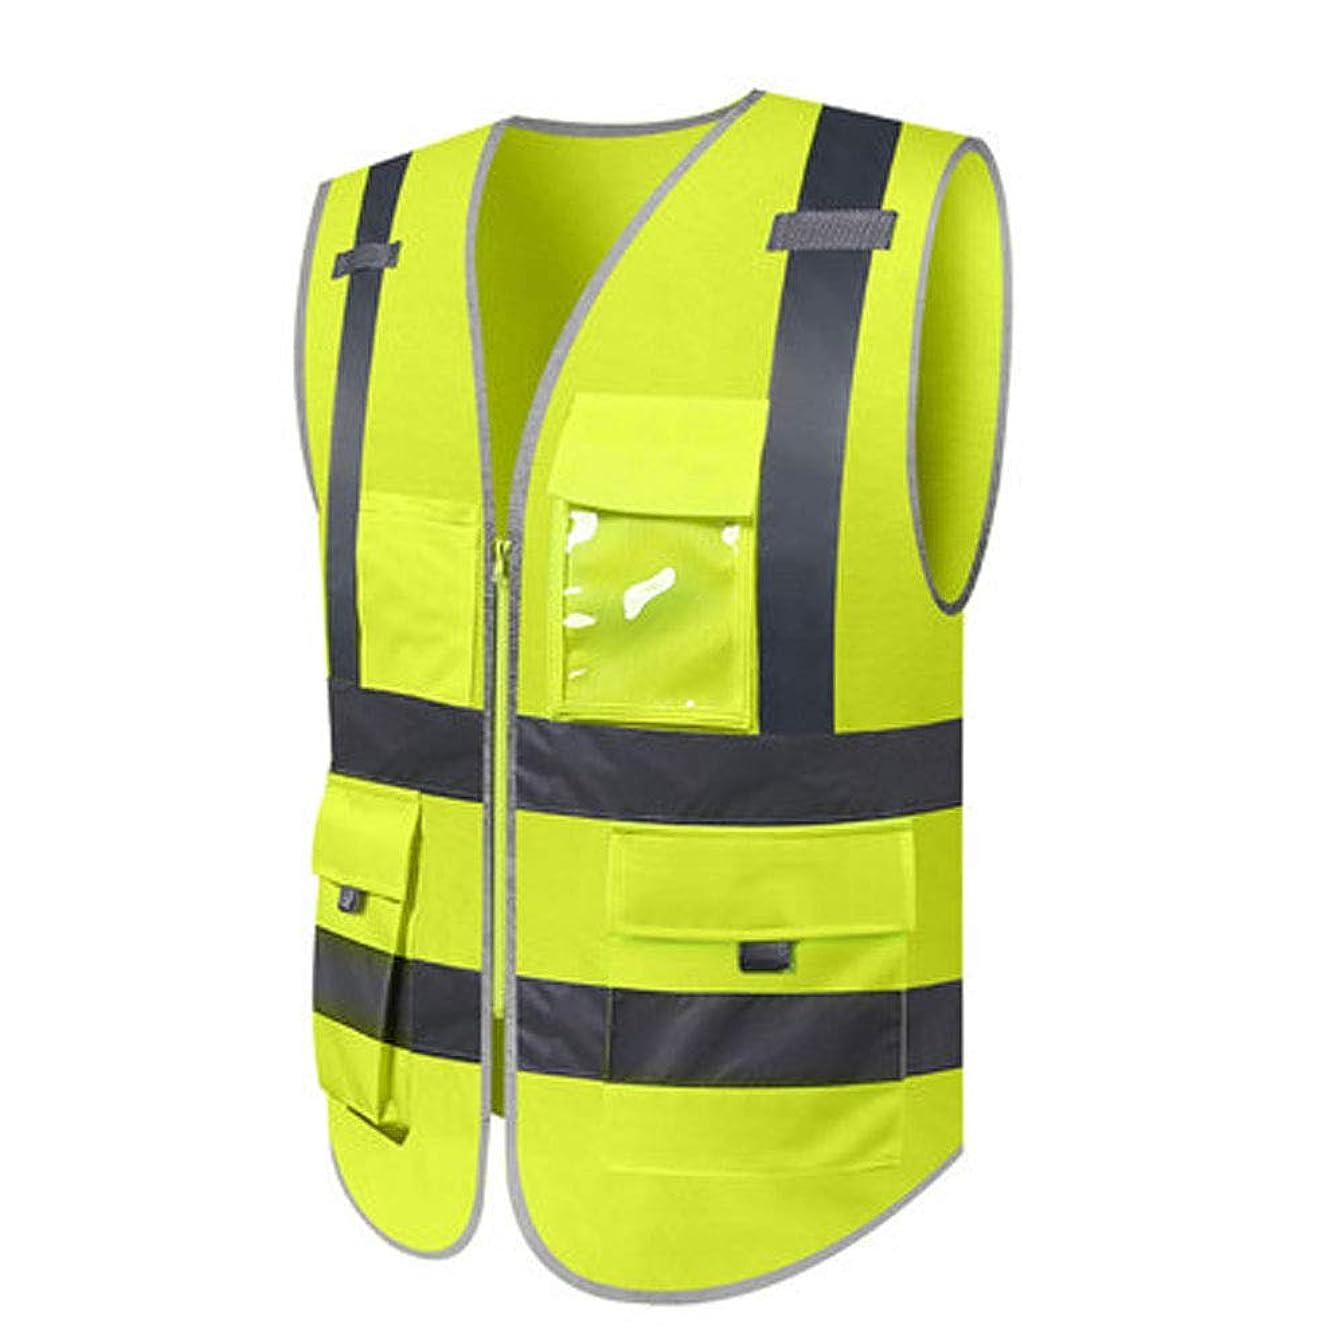 宝トースト火曜日建設安全ベスト、反射ベスト、衛生交通車反射服車夜新しい交通規則年間検査反射的なベスト (Color : Yellow green, Size : 1 piece)